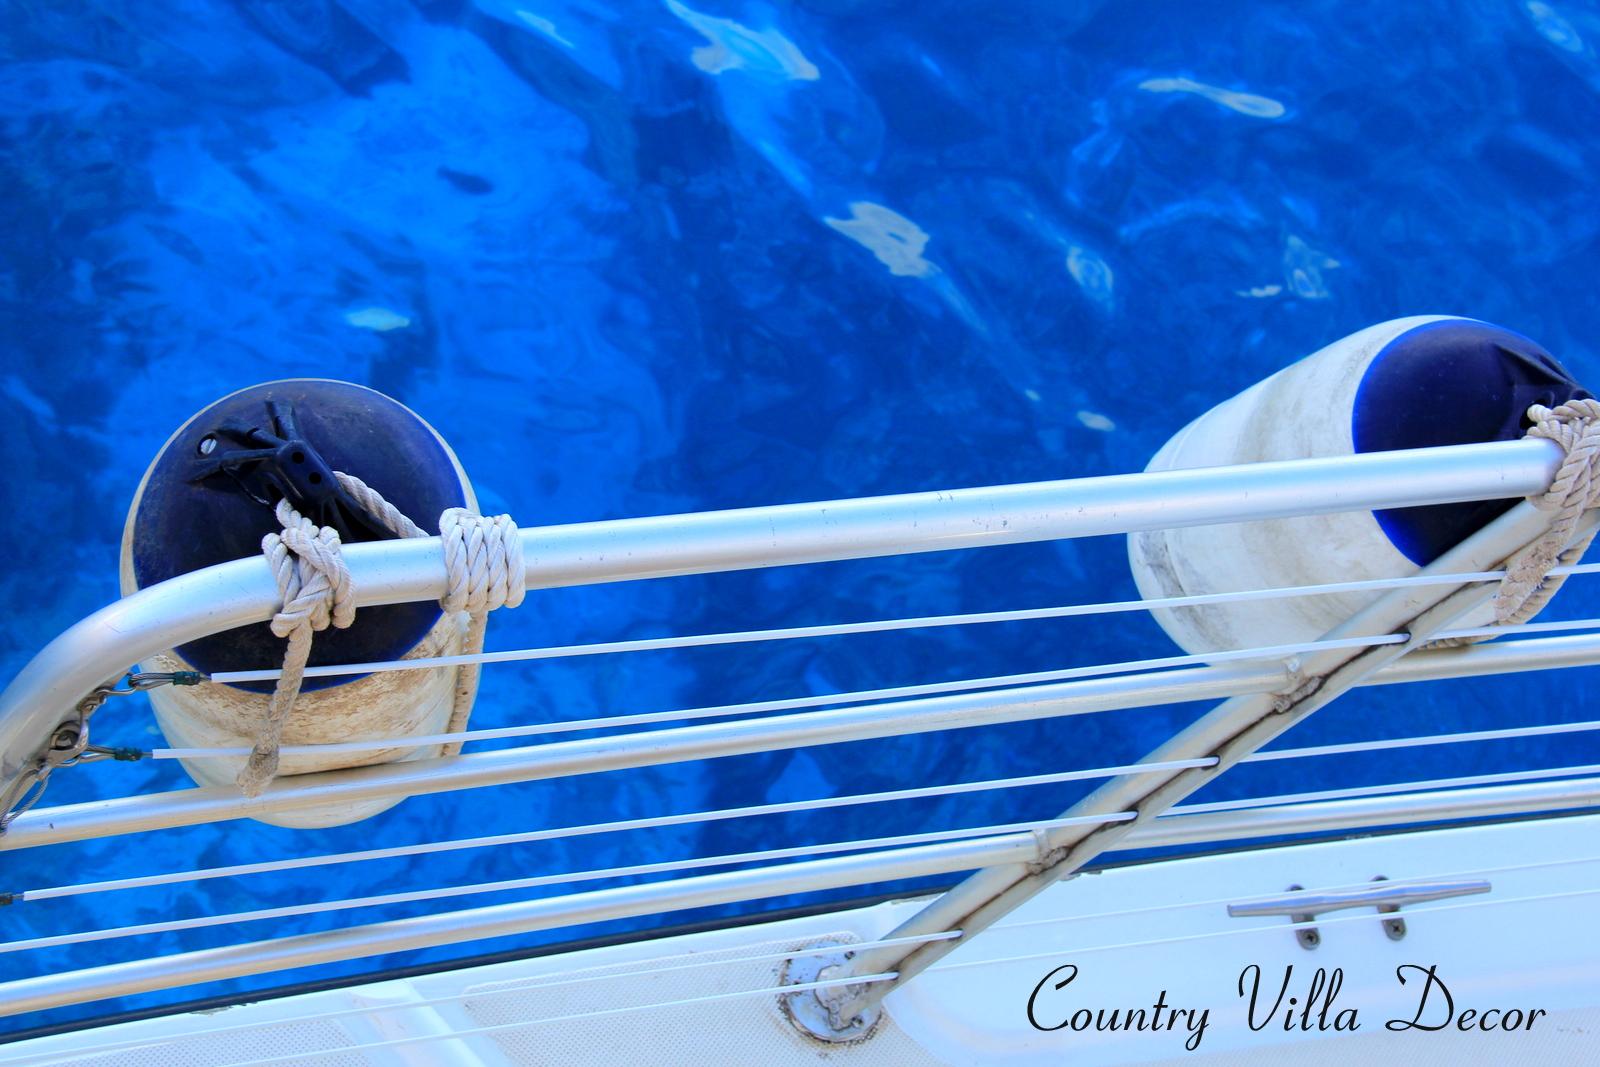 COUNTRY VILLA DECOR: Nautical Decor Ideas